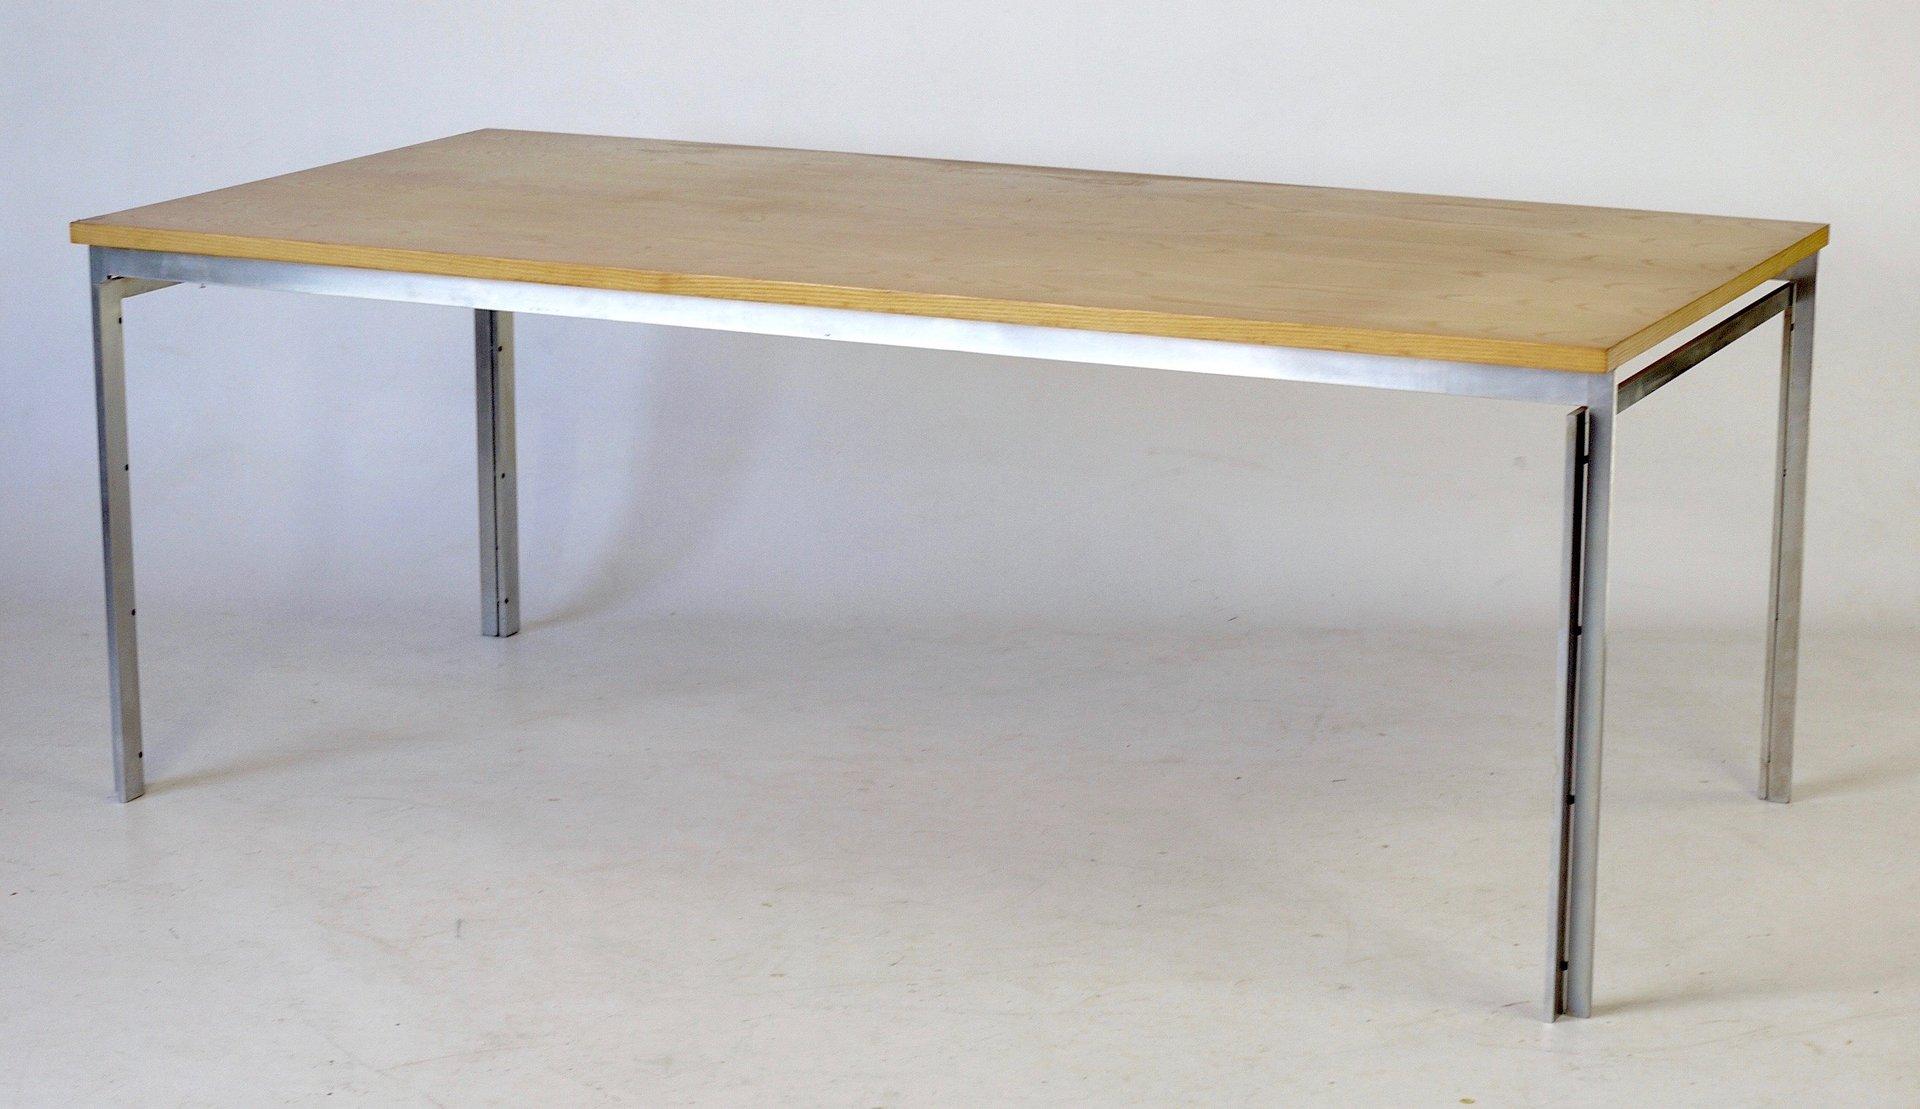 Modell PK55 Eschenholz & Stahl Tisch von Poul Kjaerholm, 1970er